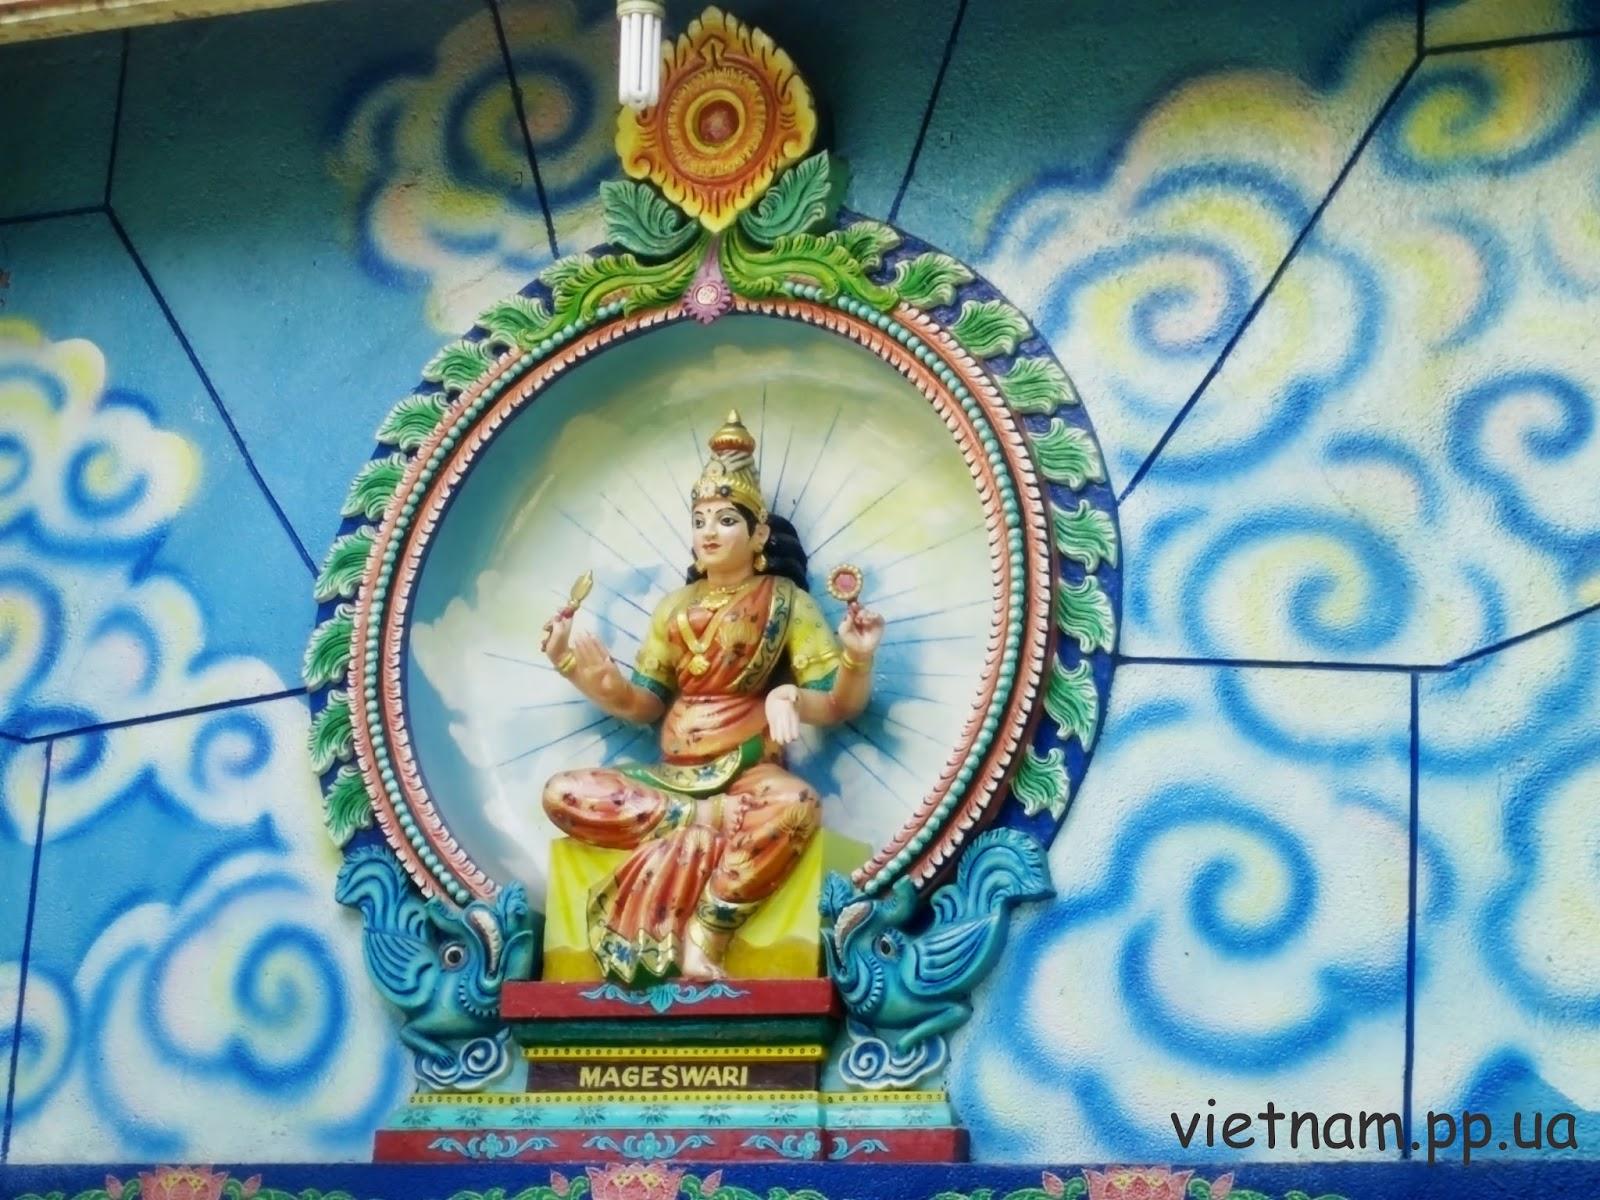 Божество хинди:Mageswari